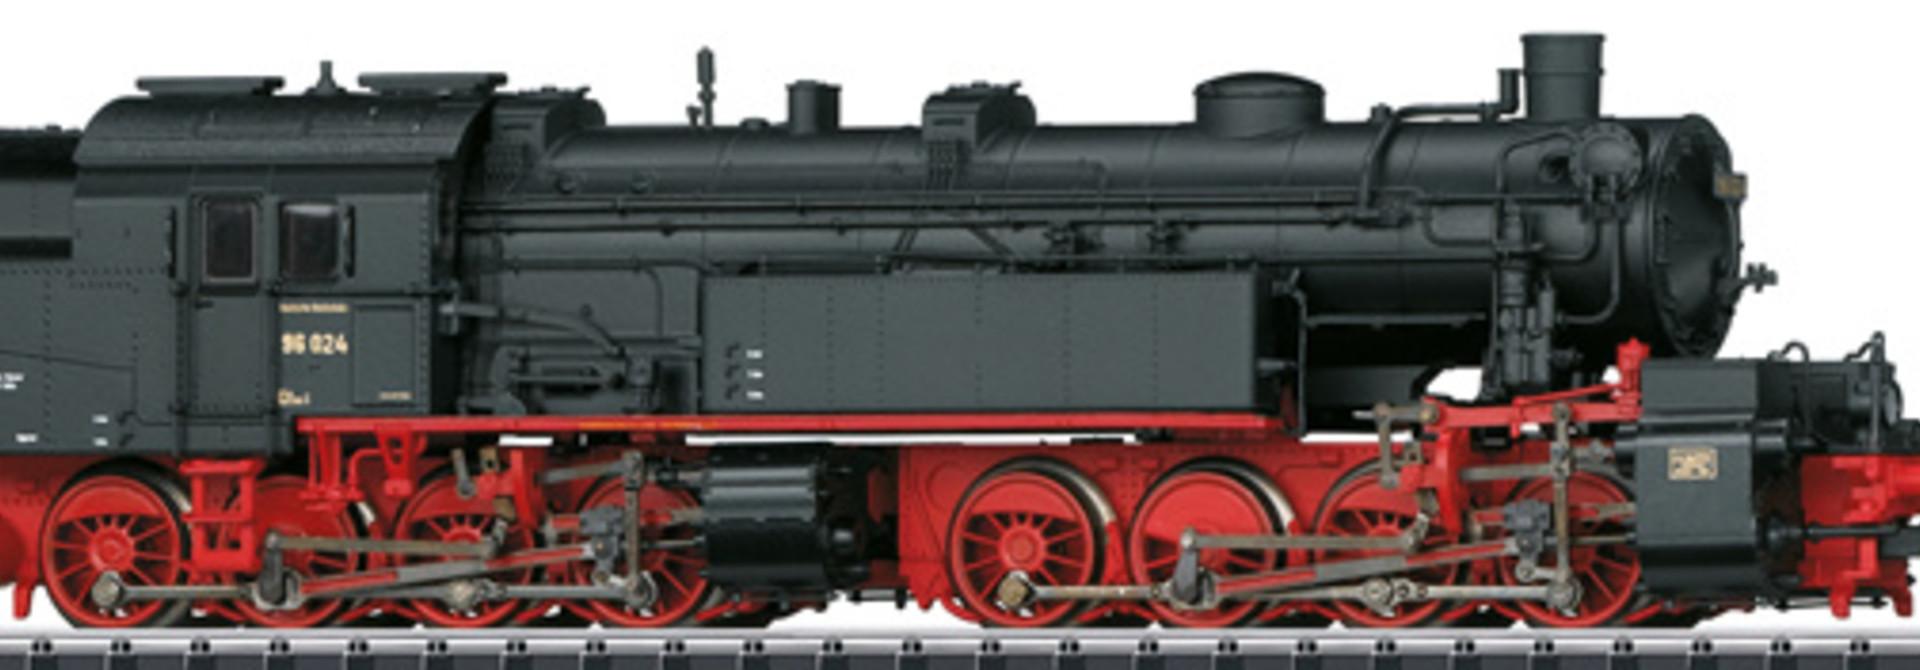 22326 Baureihe 96 DCC sound